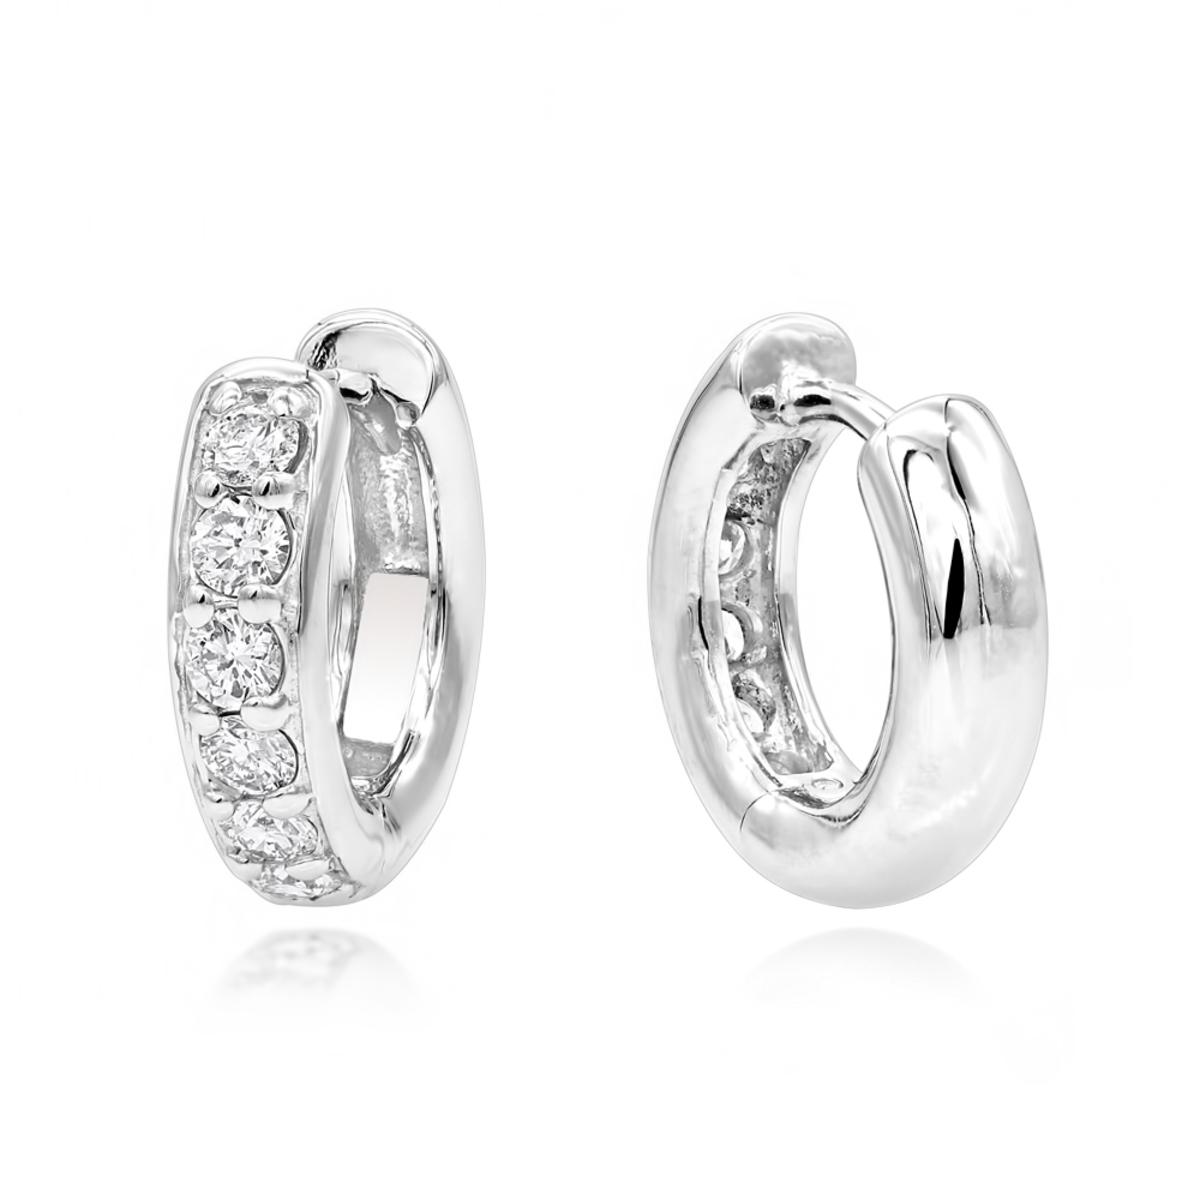 14K Gold Diamond Huggie Earrings Hoops 1/2ct